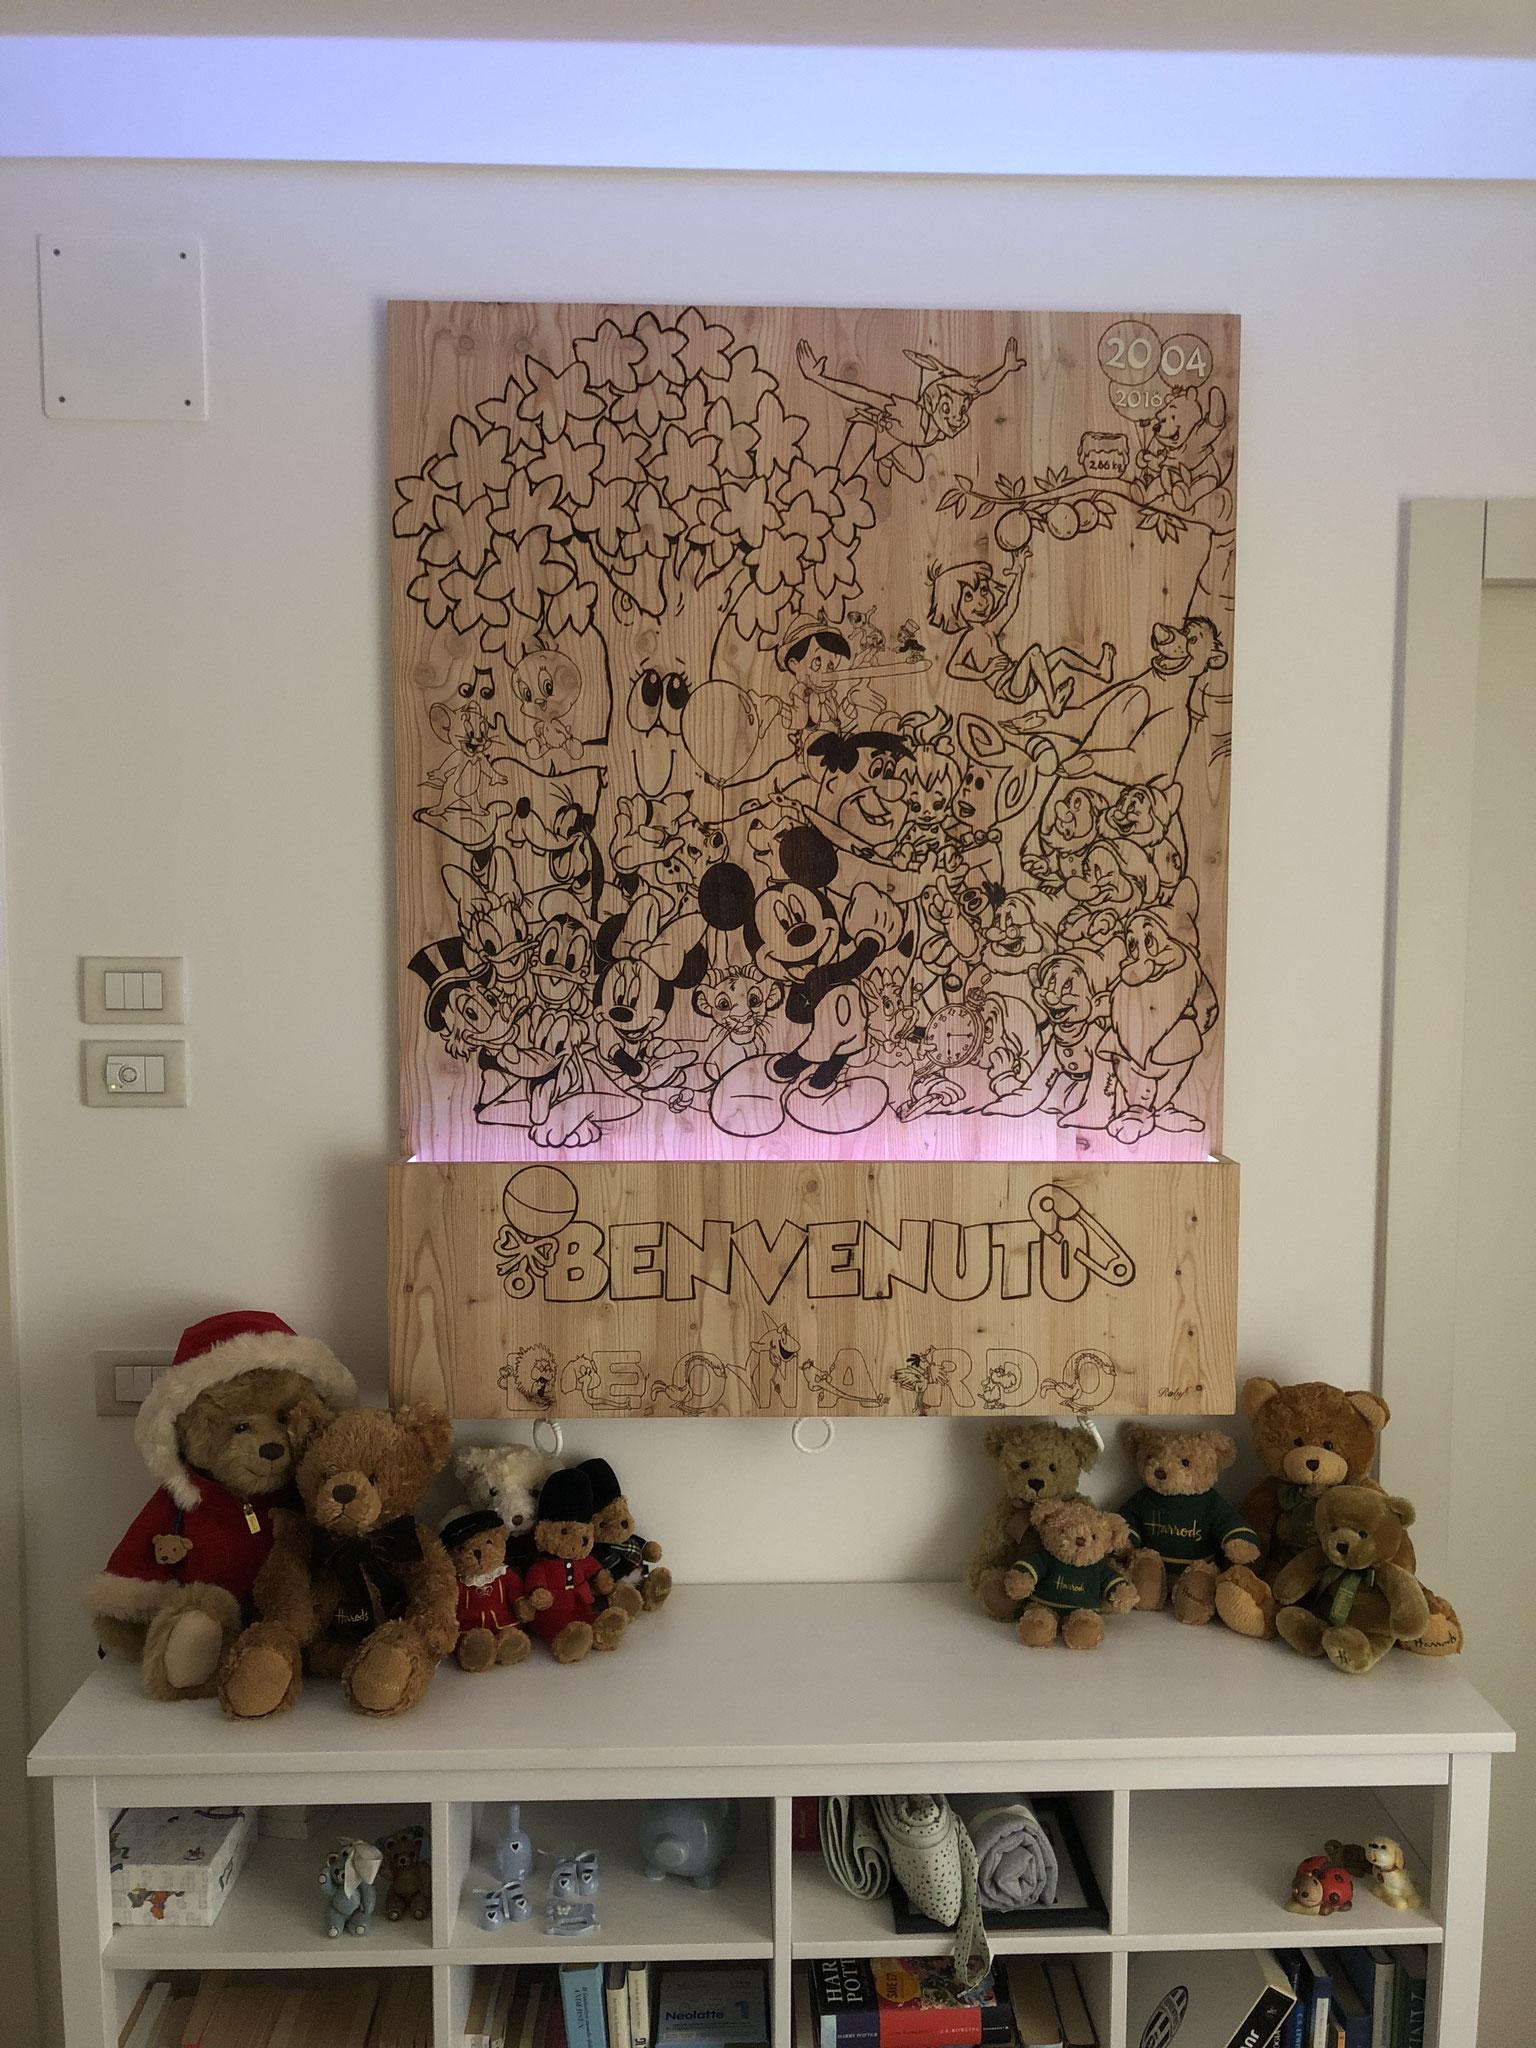 Pannello decorativo con luce Led per cromoterapia e carillon per nascita bambino